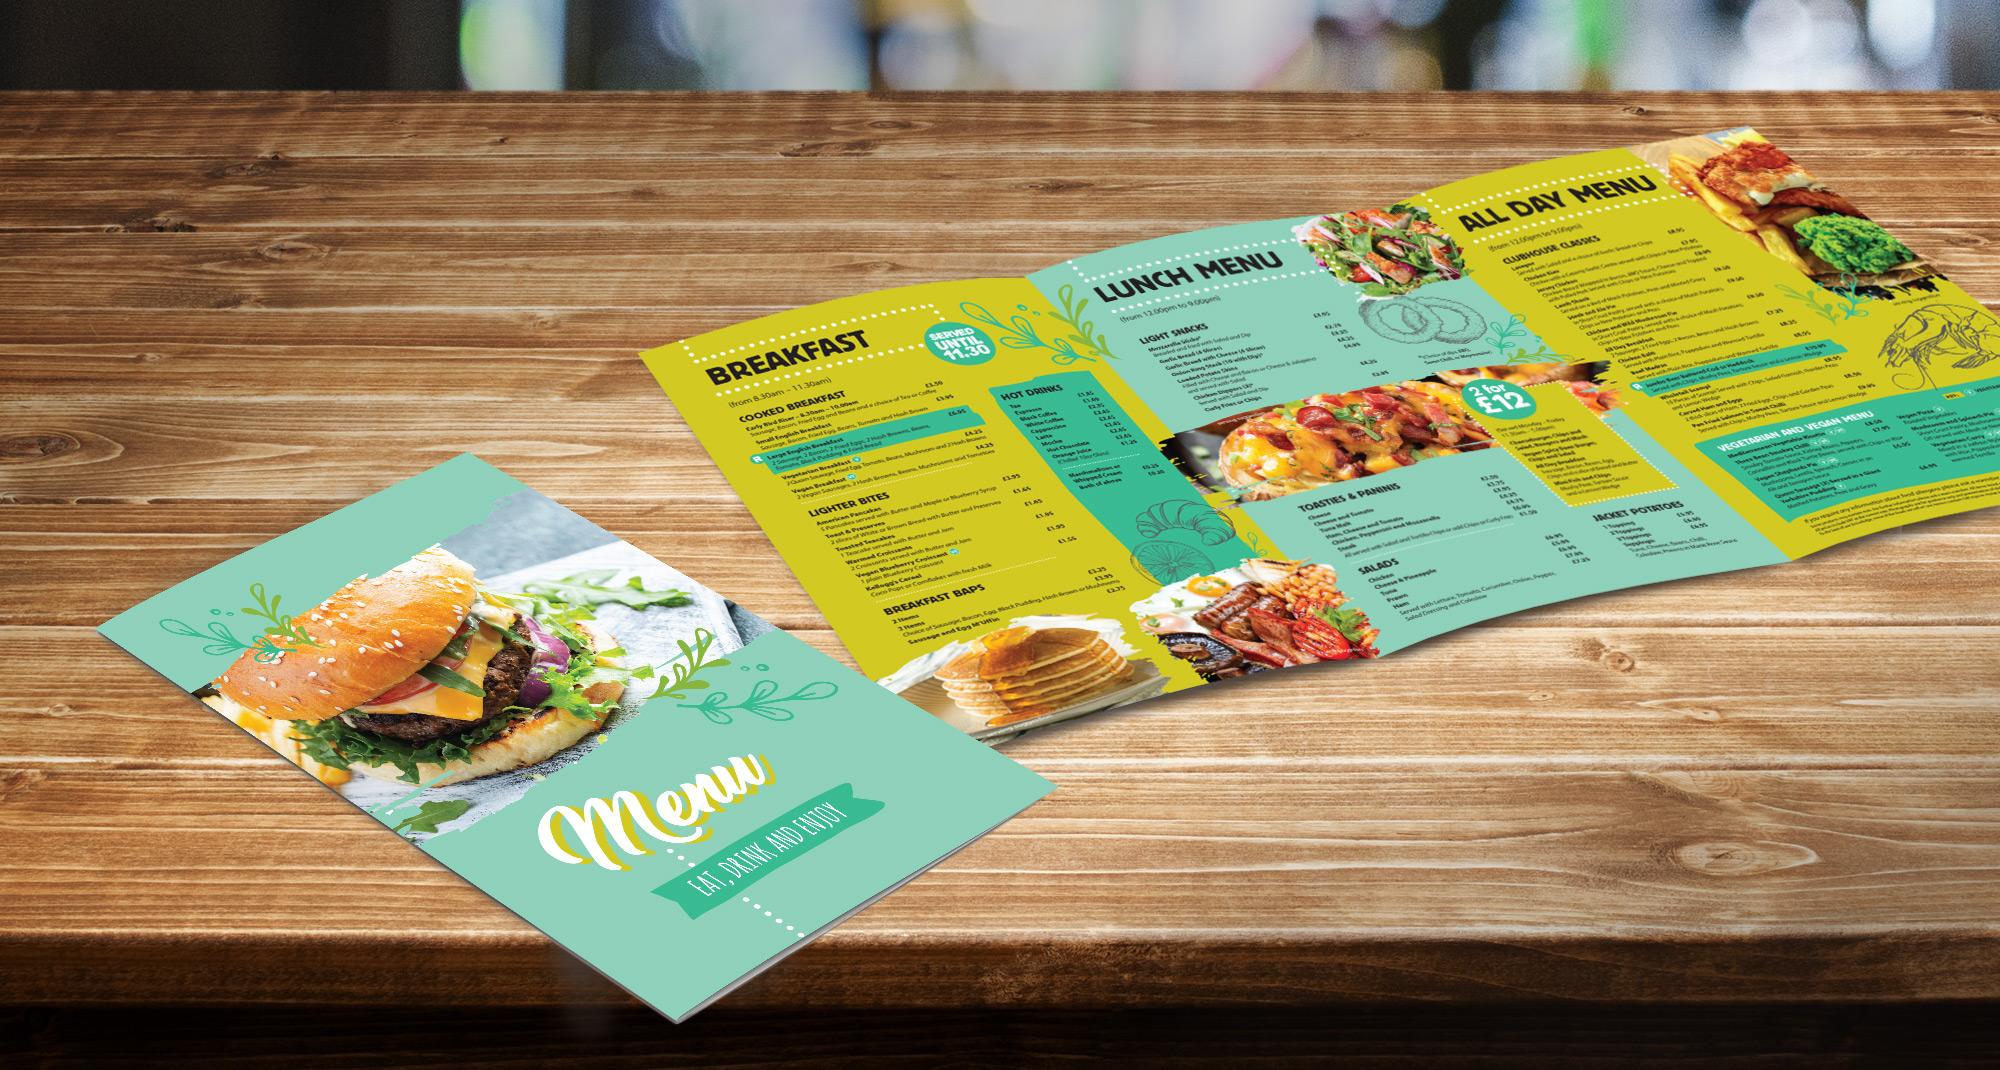 Richmond menu leaflet